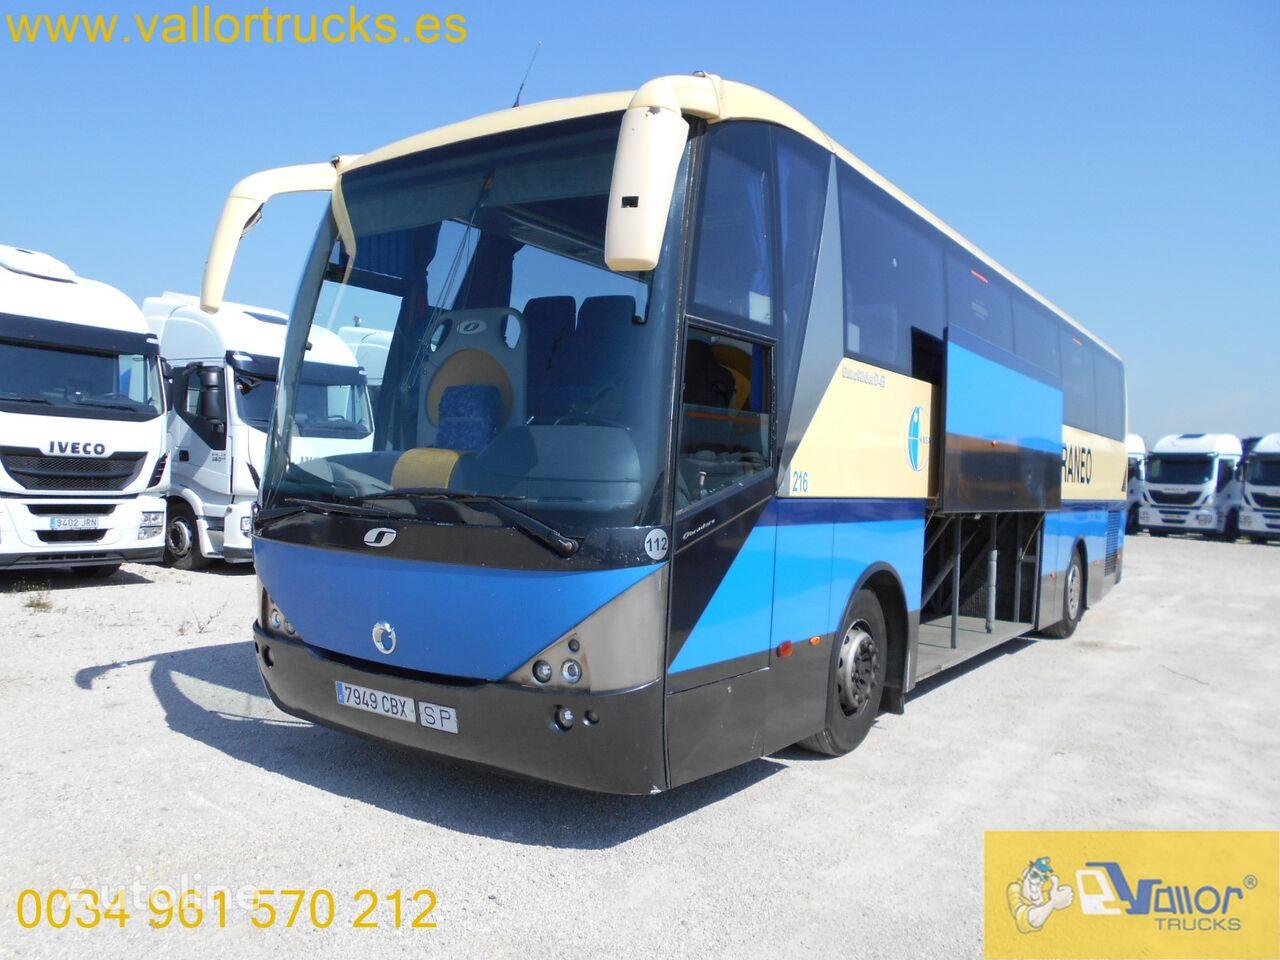 междугородний-пригородный автобус IVECO Eurorider 43